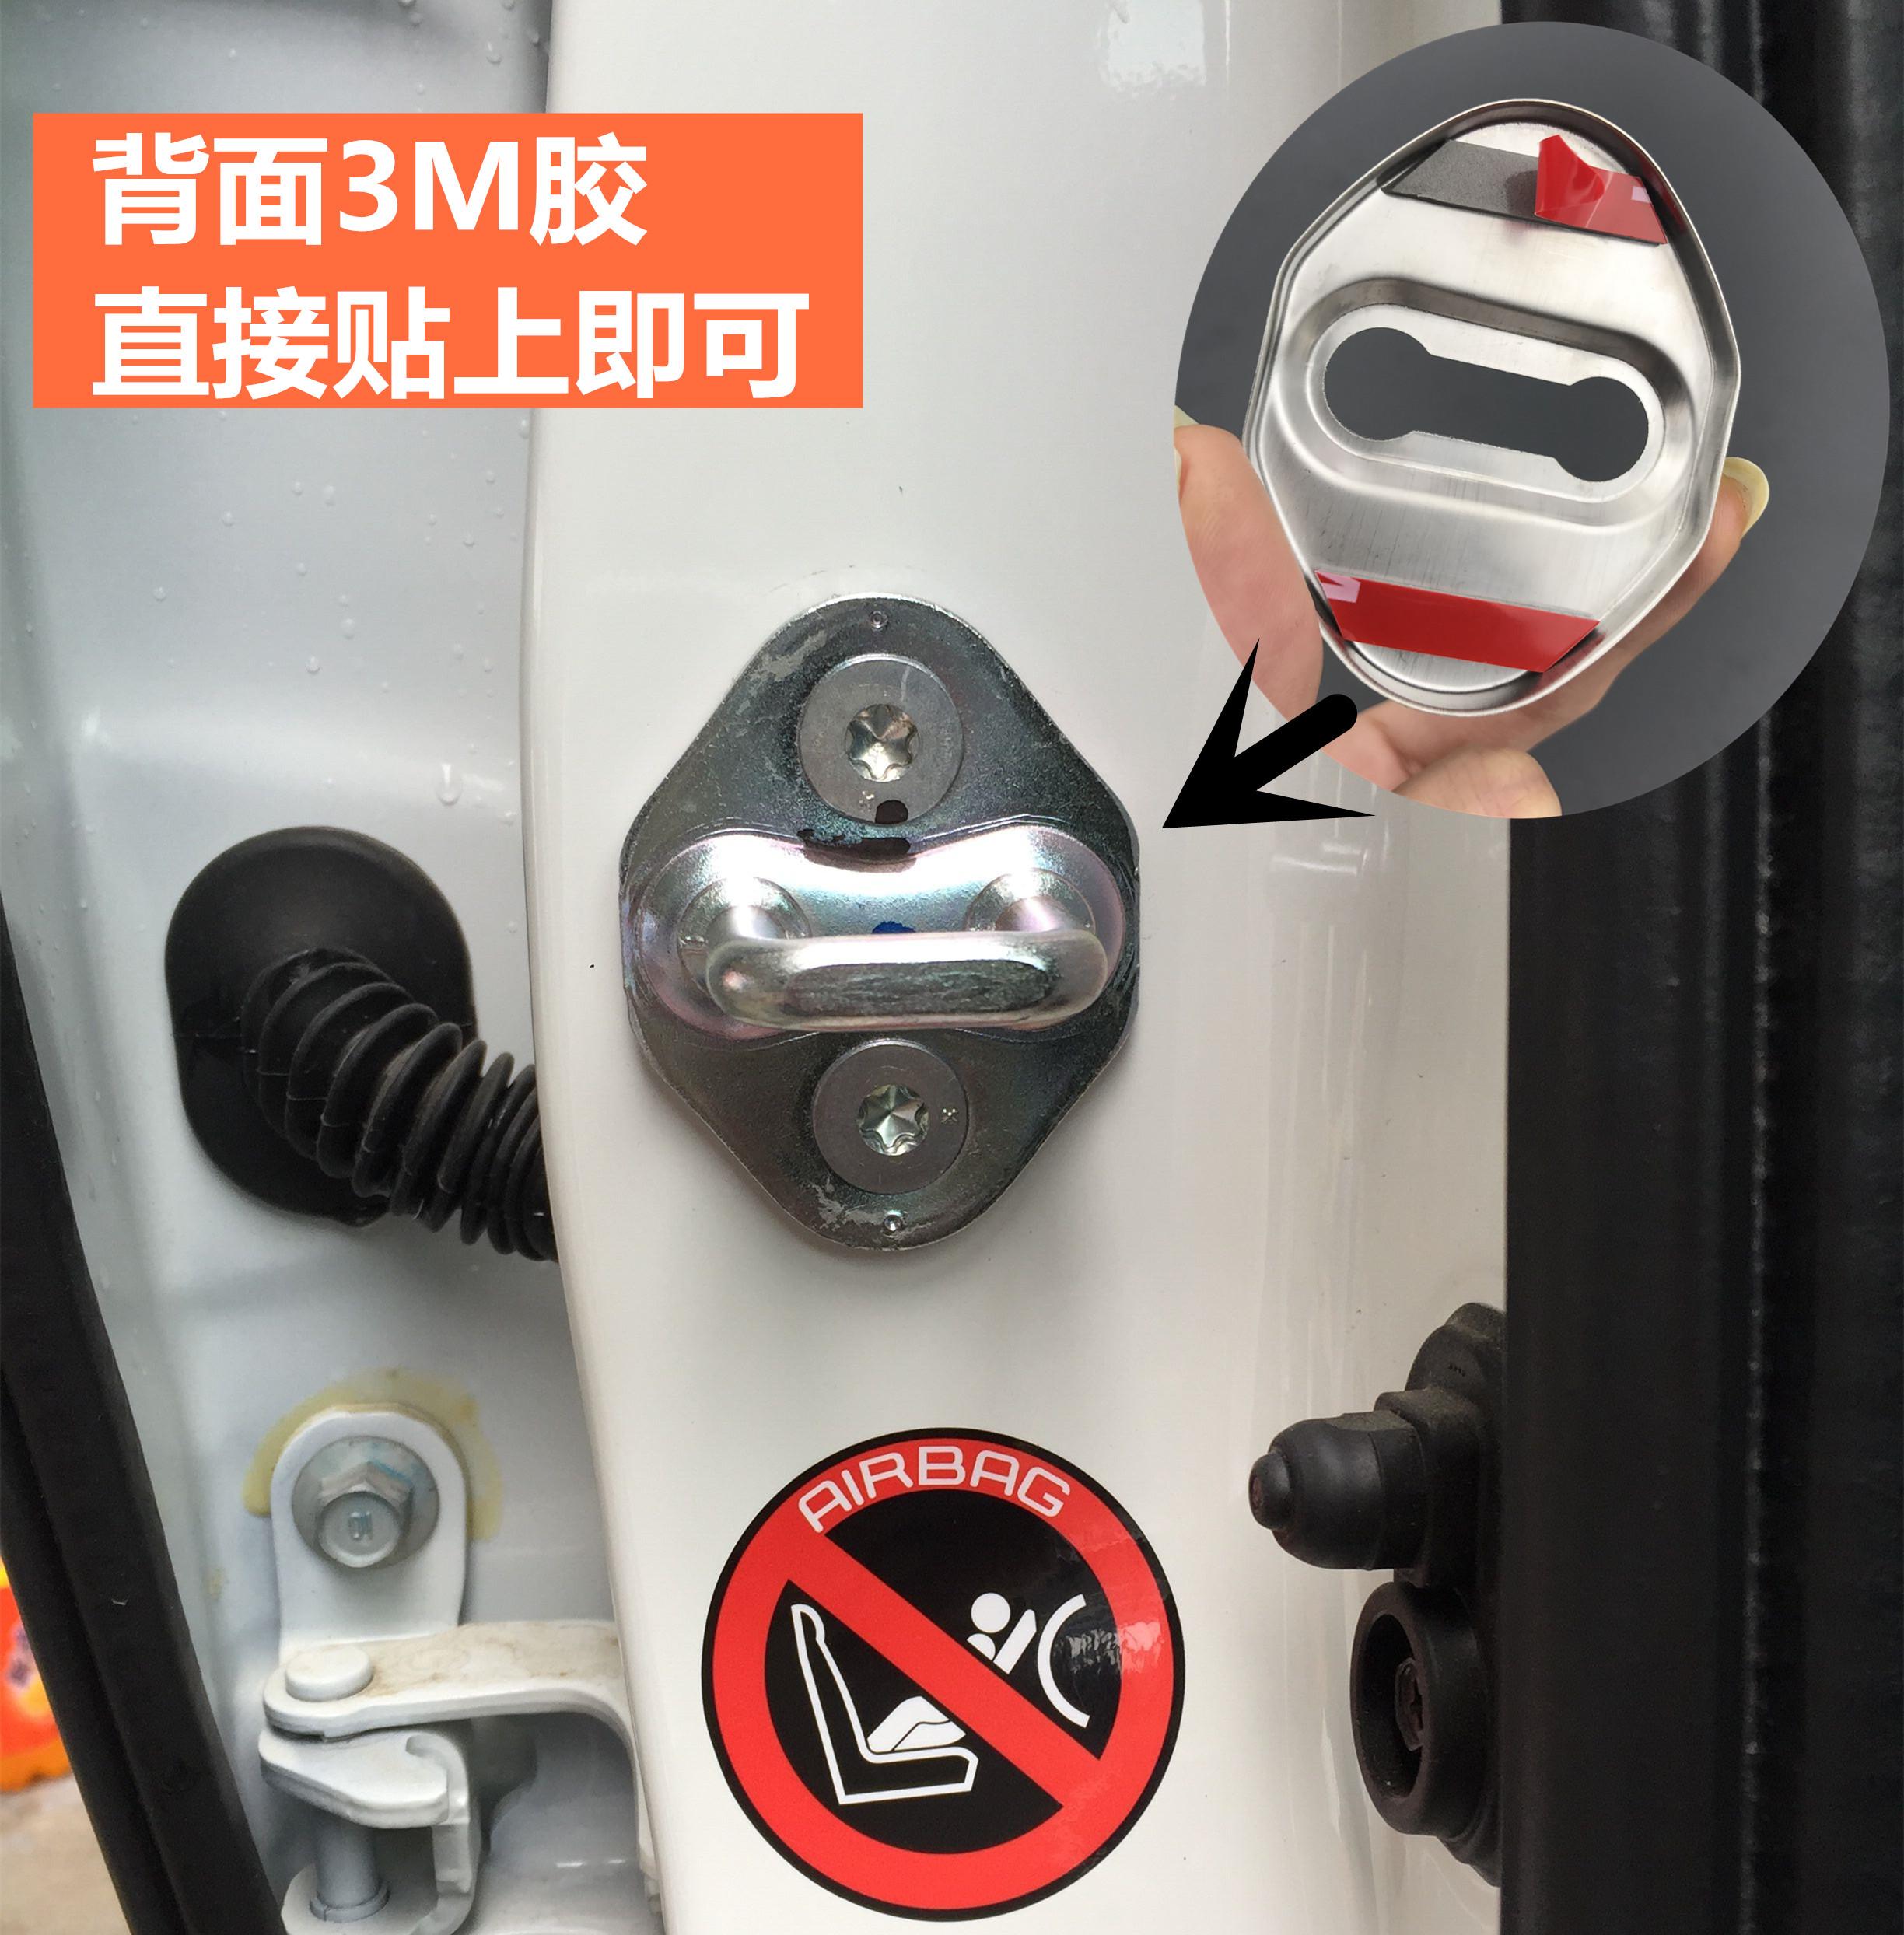 Ốp bảo vệ móc cửa Peugeot 3008 all new và 5008 - ảnh 1